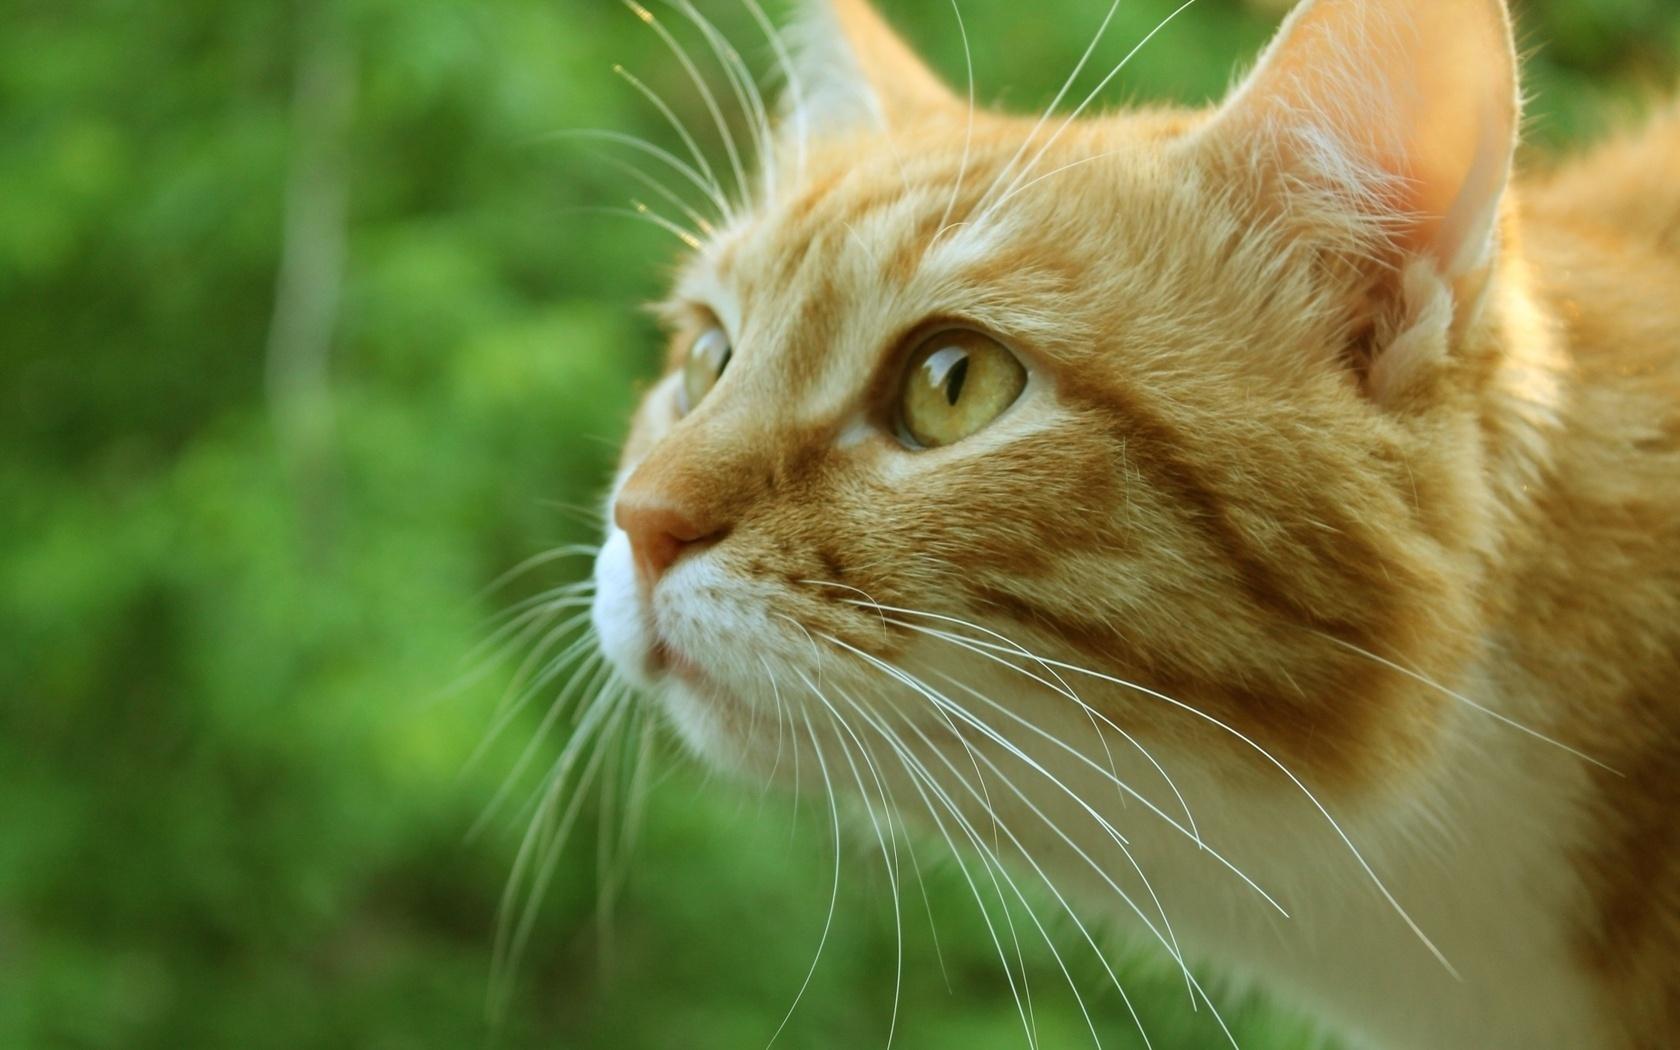 Рыжие кошки картинки фото, минутка